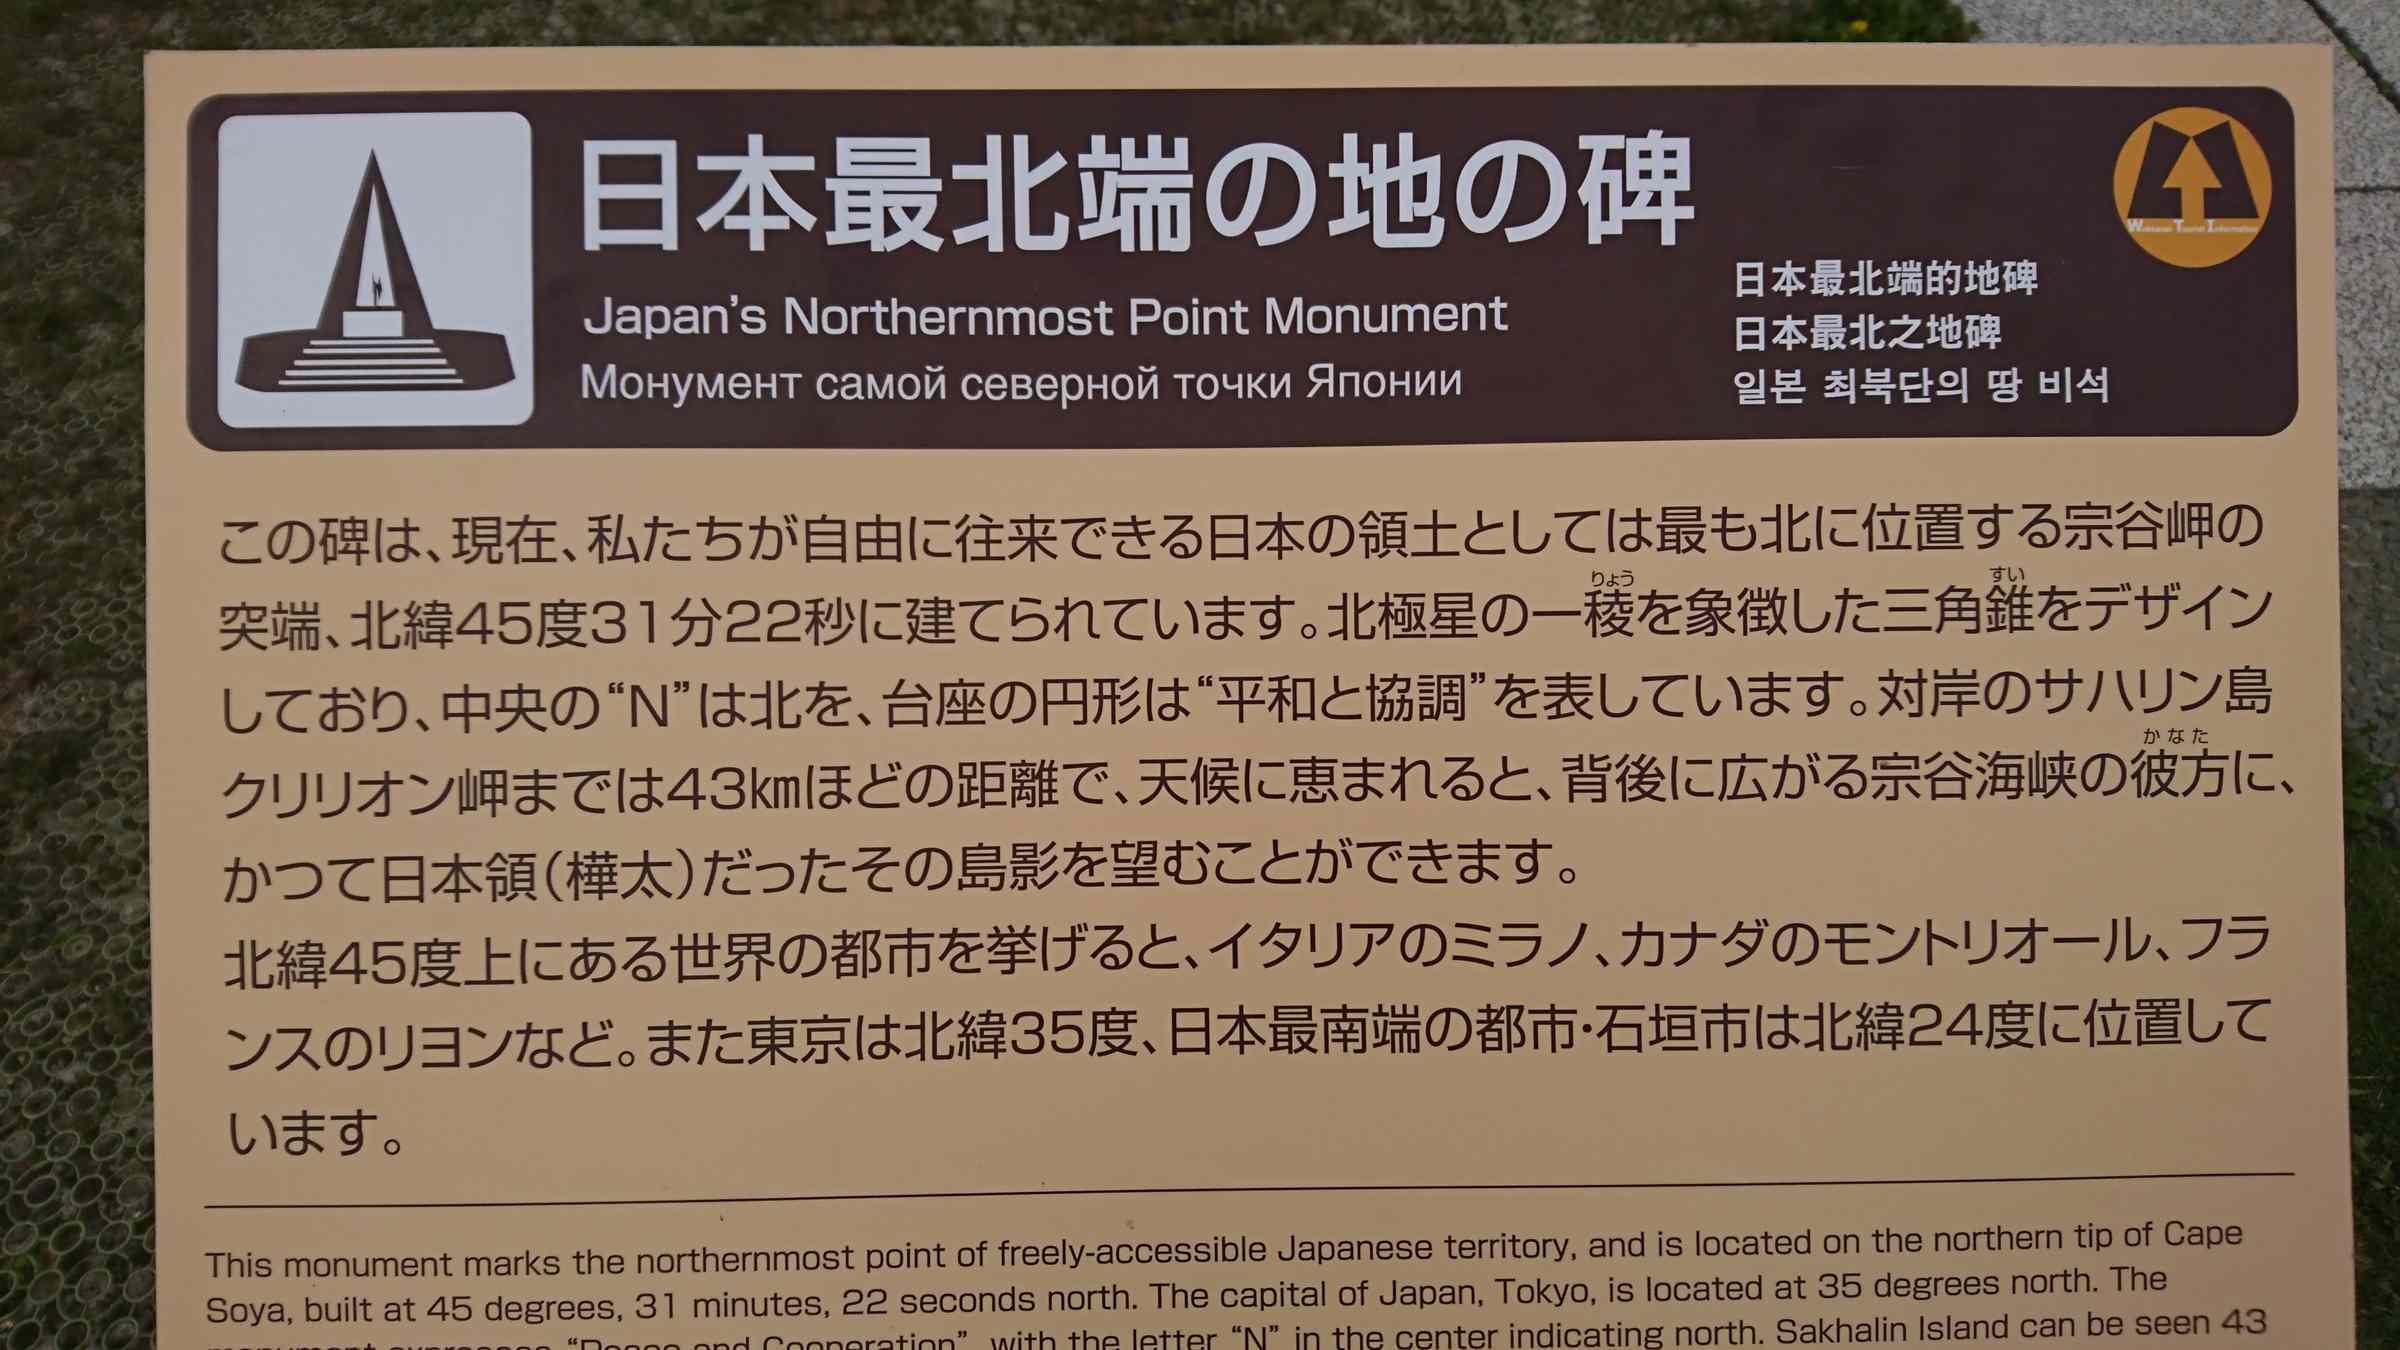 f:id:ynakayama27:20170622184805j:plain